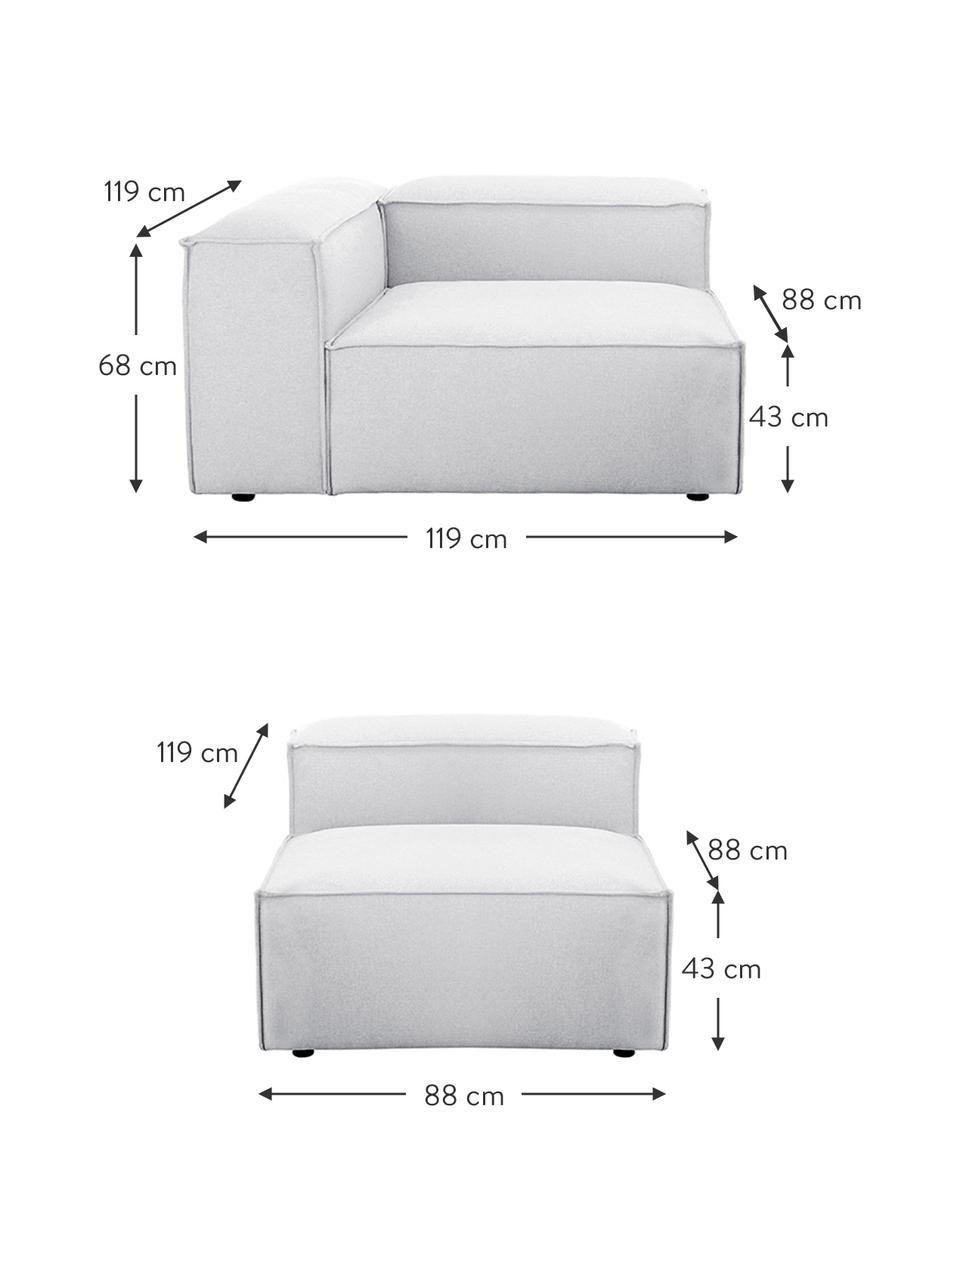 Sofa modułowa Lennon (4-osobowa), Tapicerka: poliester Dzięki tkaninie, Stelaż: lite drewno sosnowe, skle, Nogi: tworzywo sztuczne Nogi zn, Jasny szary, S 327 x G 119 cm